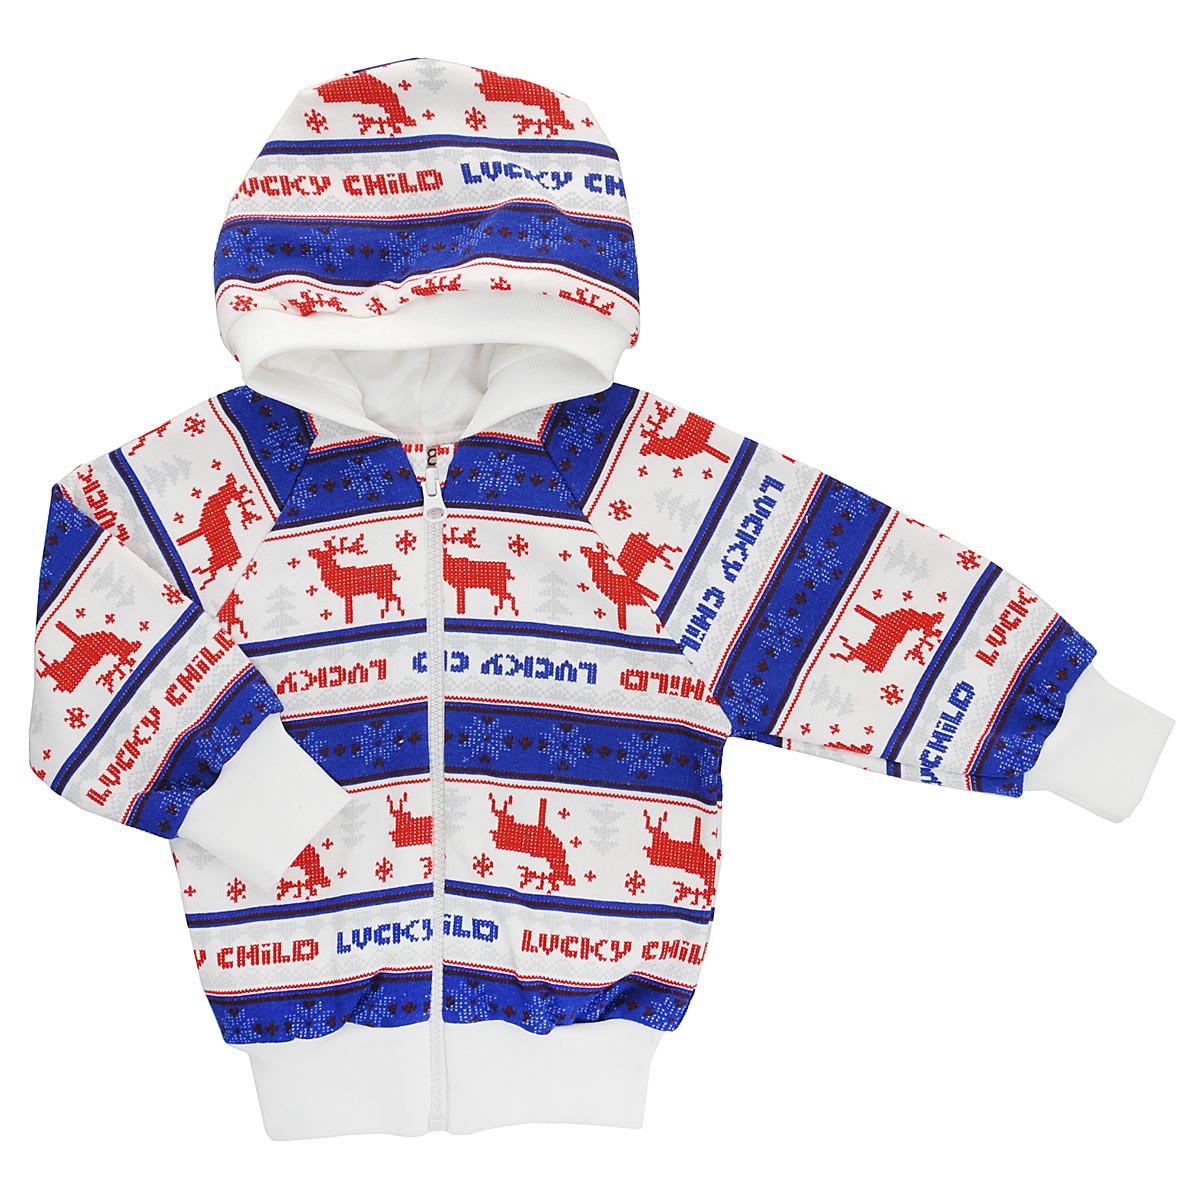 Кофточка детская Lucky Child, цвет: молочный, синий, красный. 10-17. Размер 74/8010-17Кофточка для новорожденного Lucky Child с длинными рукавами-реглан и капюшоном послужит идеальным дополнением к гардеробу вашего малыша, обеспечивая ему наибольший комфорт. Изготовленная из натурального хлопка, она необычайно мягкая и легкая, не раздражает нежную кожу ребенка и хорошо вентилируется, а эластичные швы приятны телу малыша и не препятствуют его движениям. Лицевая сторона гладкая, а изнаночная - с мягким теплым начесом.Удобная застежка-молния по всей длине помогает легко переодеть младенца. Рукава понизу дополнены широкими трикотажными манжетами, не стягивающими запястья. Понизу также проходит широкая трикотажная резинка. Оформлена модель модным скандинавским принтом. Кофточка полностью соответствует особенностям жизни ребенка в ранний период, не стесняя и не ограничивая его в движениях. В ней ваш младенец всегда будет в центре внимания.